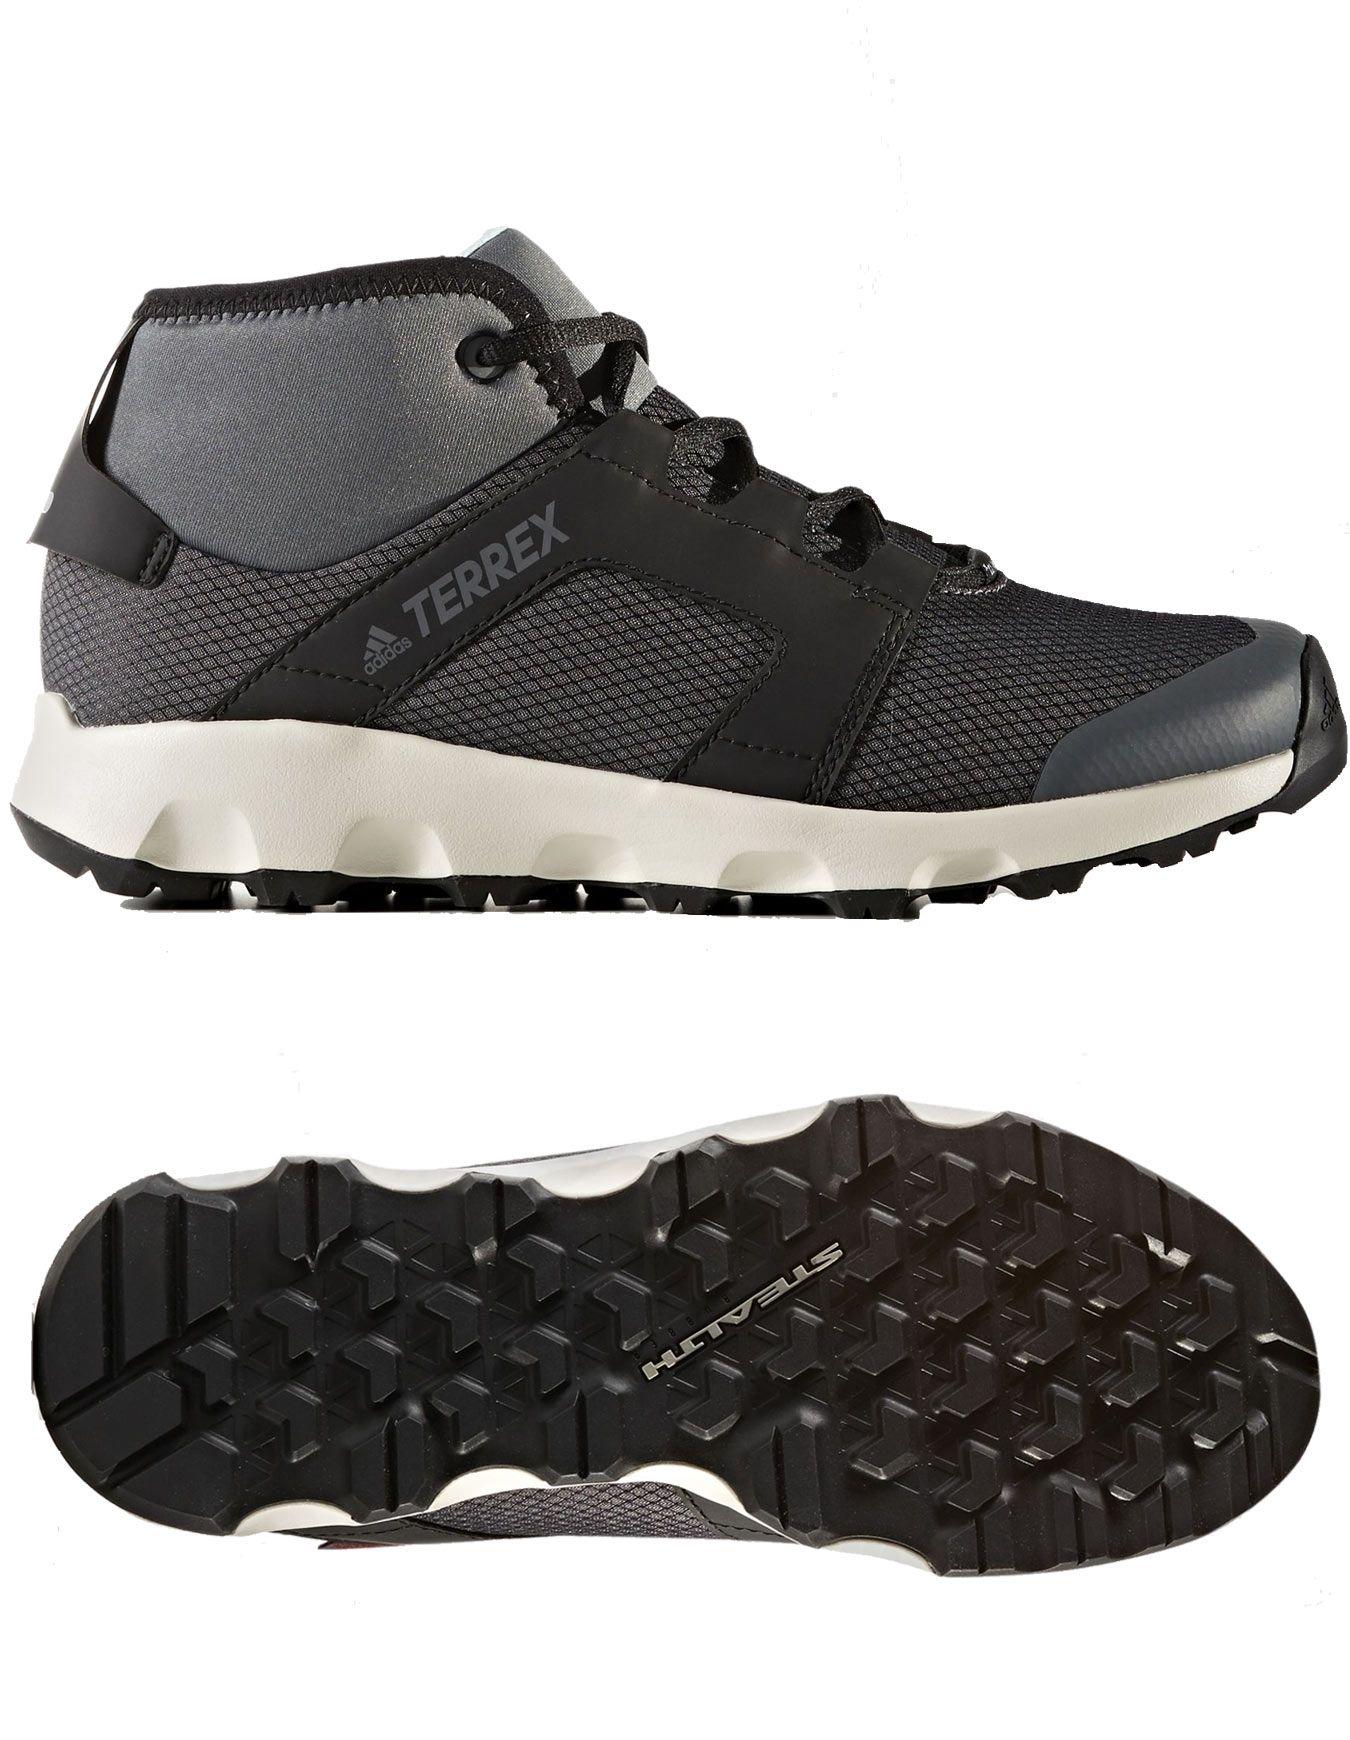 Gris W Cw Marche Chaussures Voyager Terrex Adidas Cp Quatre wqFUnSx6zP